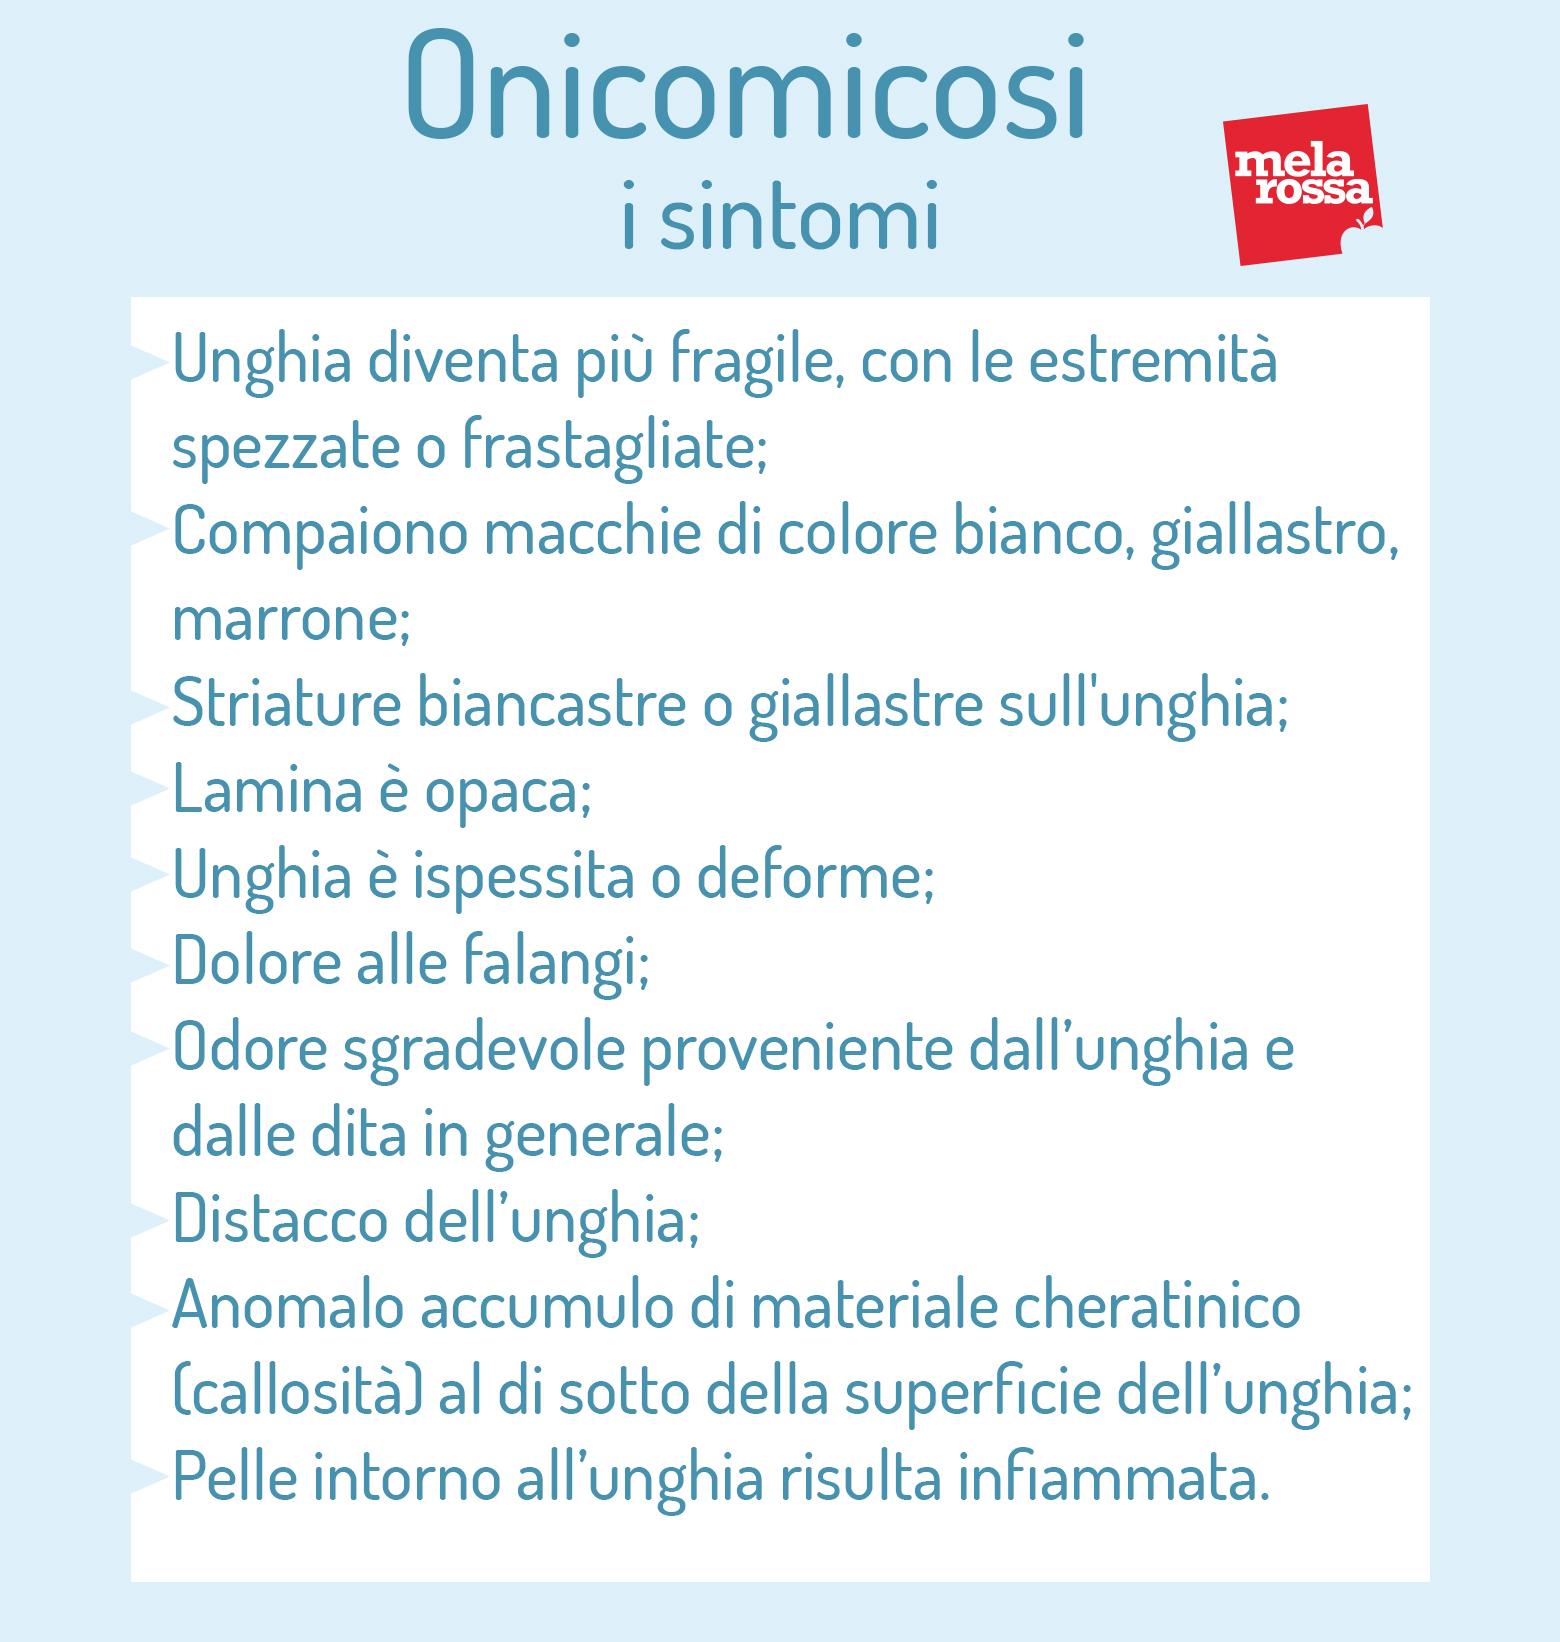 Onicomicosi : sintomi